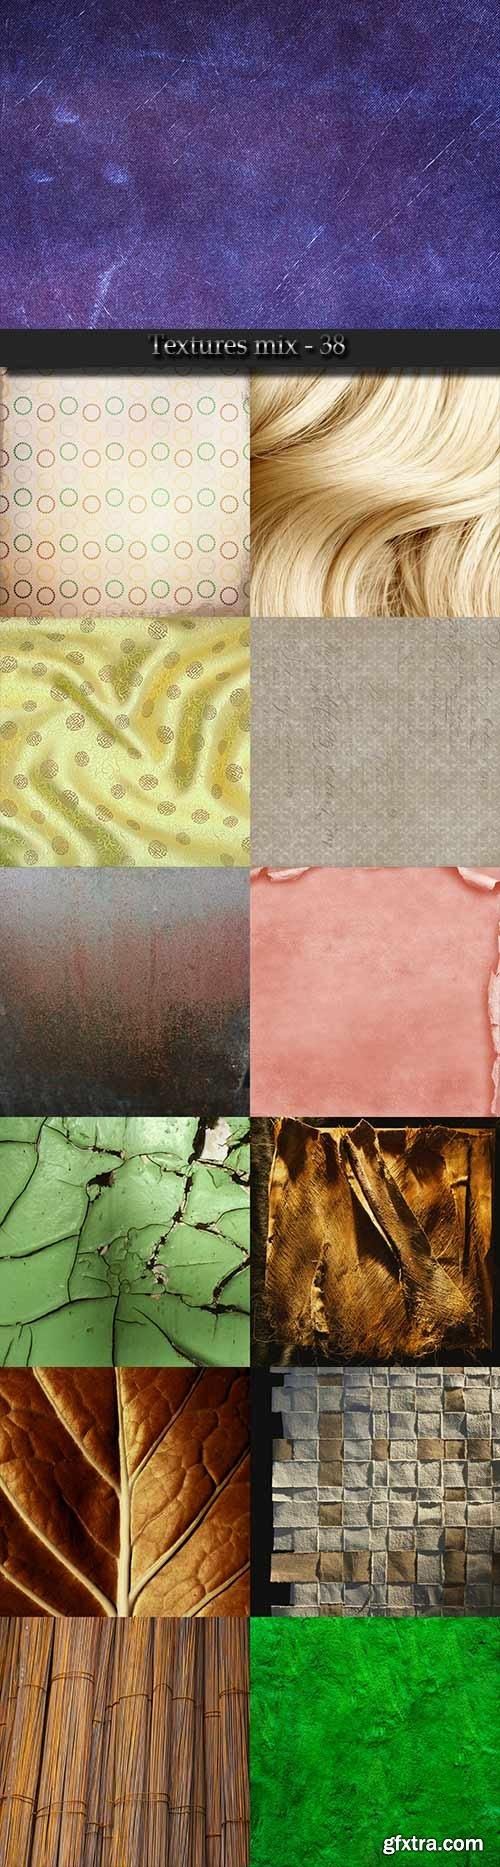 Textures mix - 38